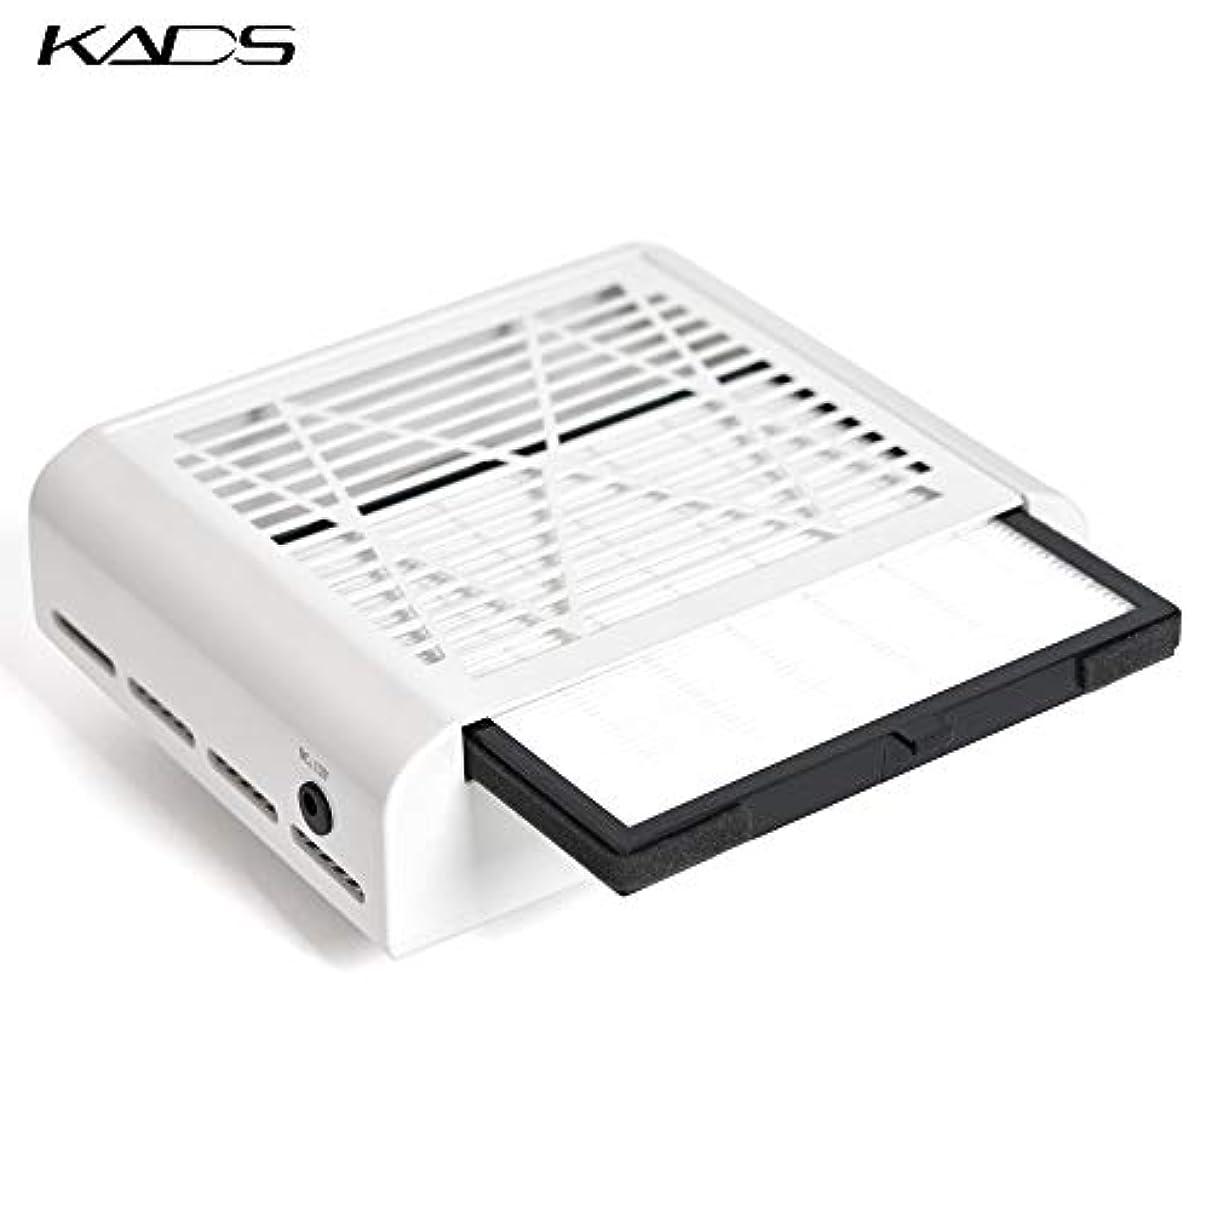 写真を撮るインレイアサートKADS ネイルダスト集塵機 ネイルダストコレクター サロンサクションダストコレクター ネイルダストクリーナー ジェルネイル機器 ネイルケア用